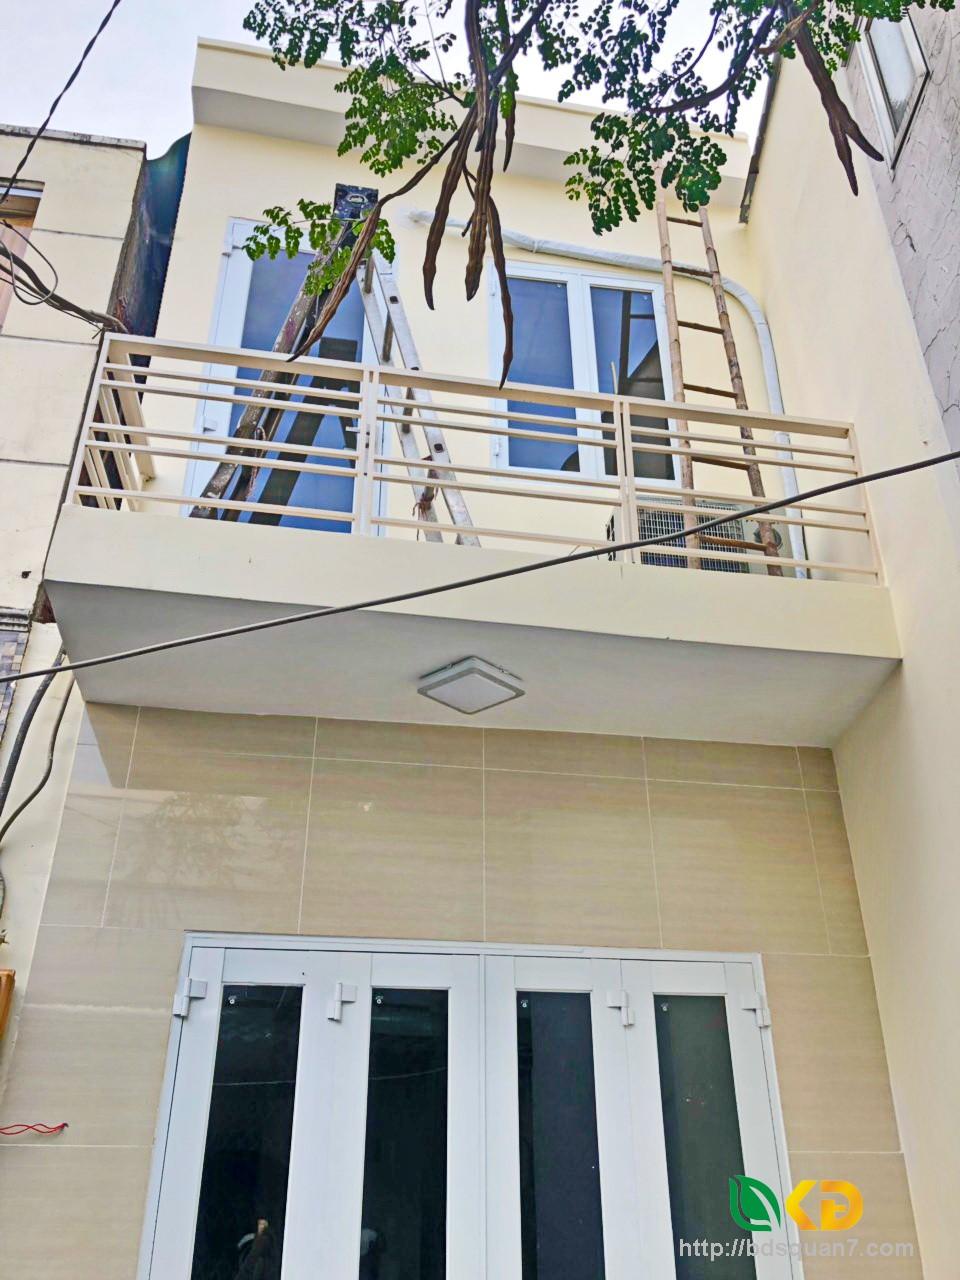 Bán nhà 1 lầu (nở hậu) hẻm 88 Nguyễn Văn Quỳ Quận 7